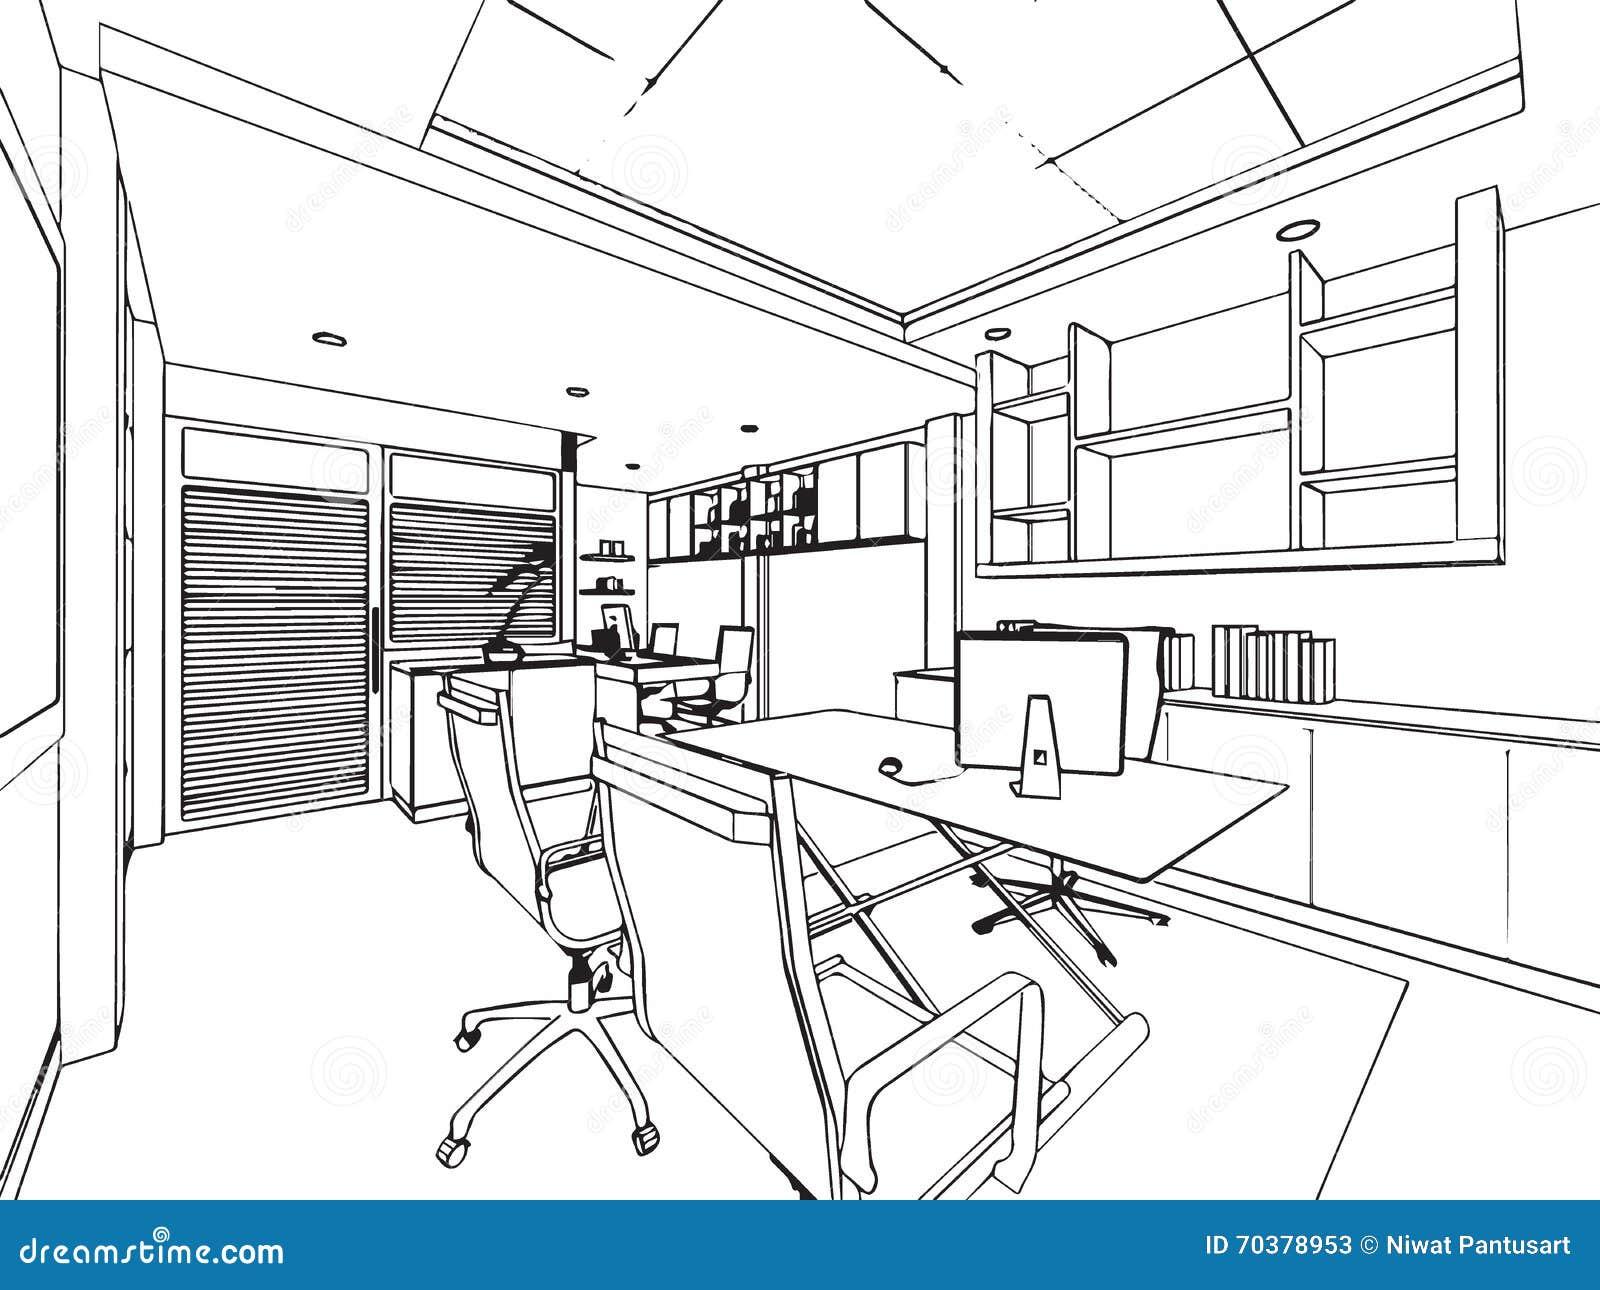 D crivez la perspective de dessin de croquis d 39 un bureau de l 39 espace illustration de vecteur - Dessiner un meuble en perspective ...